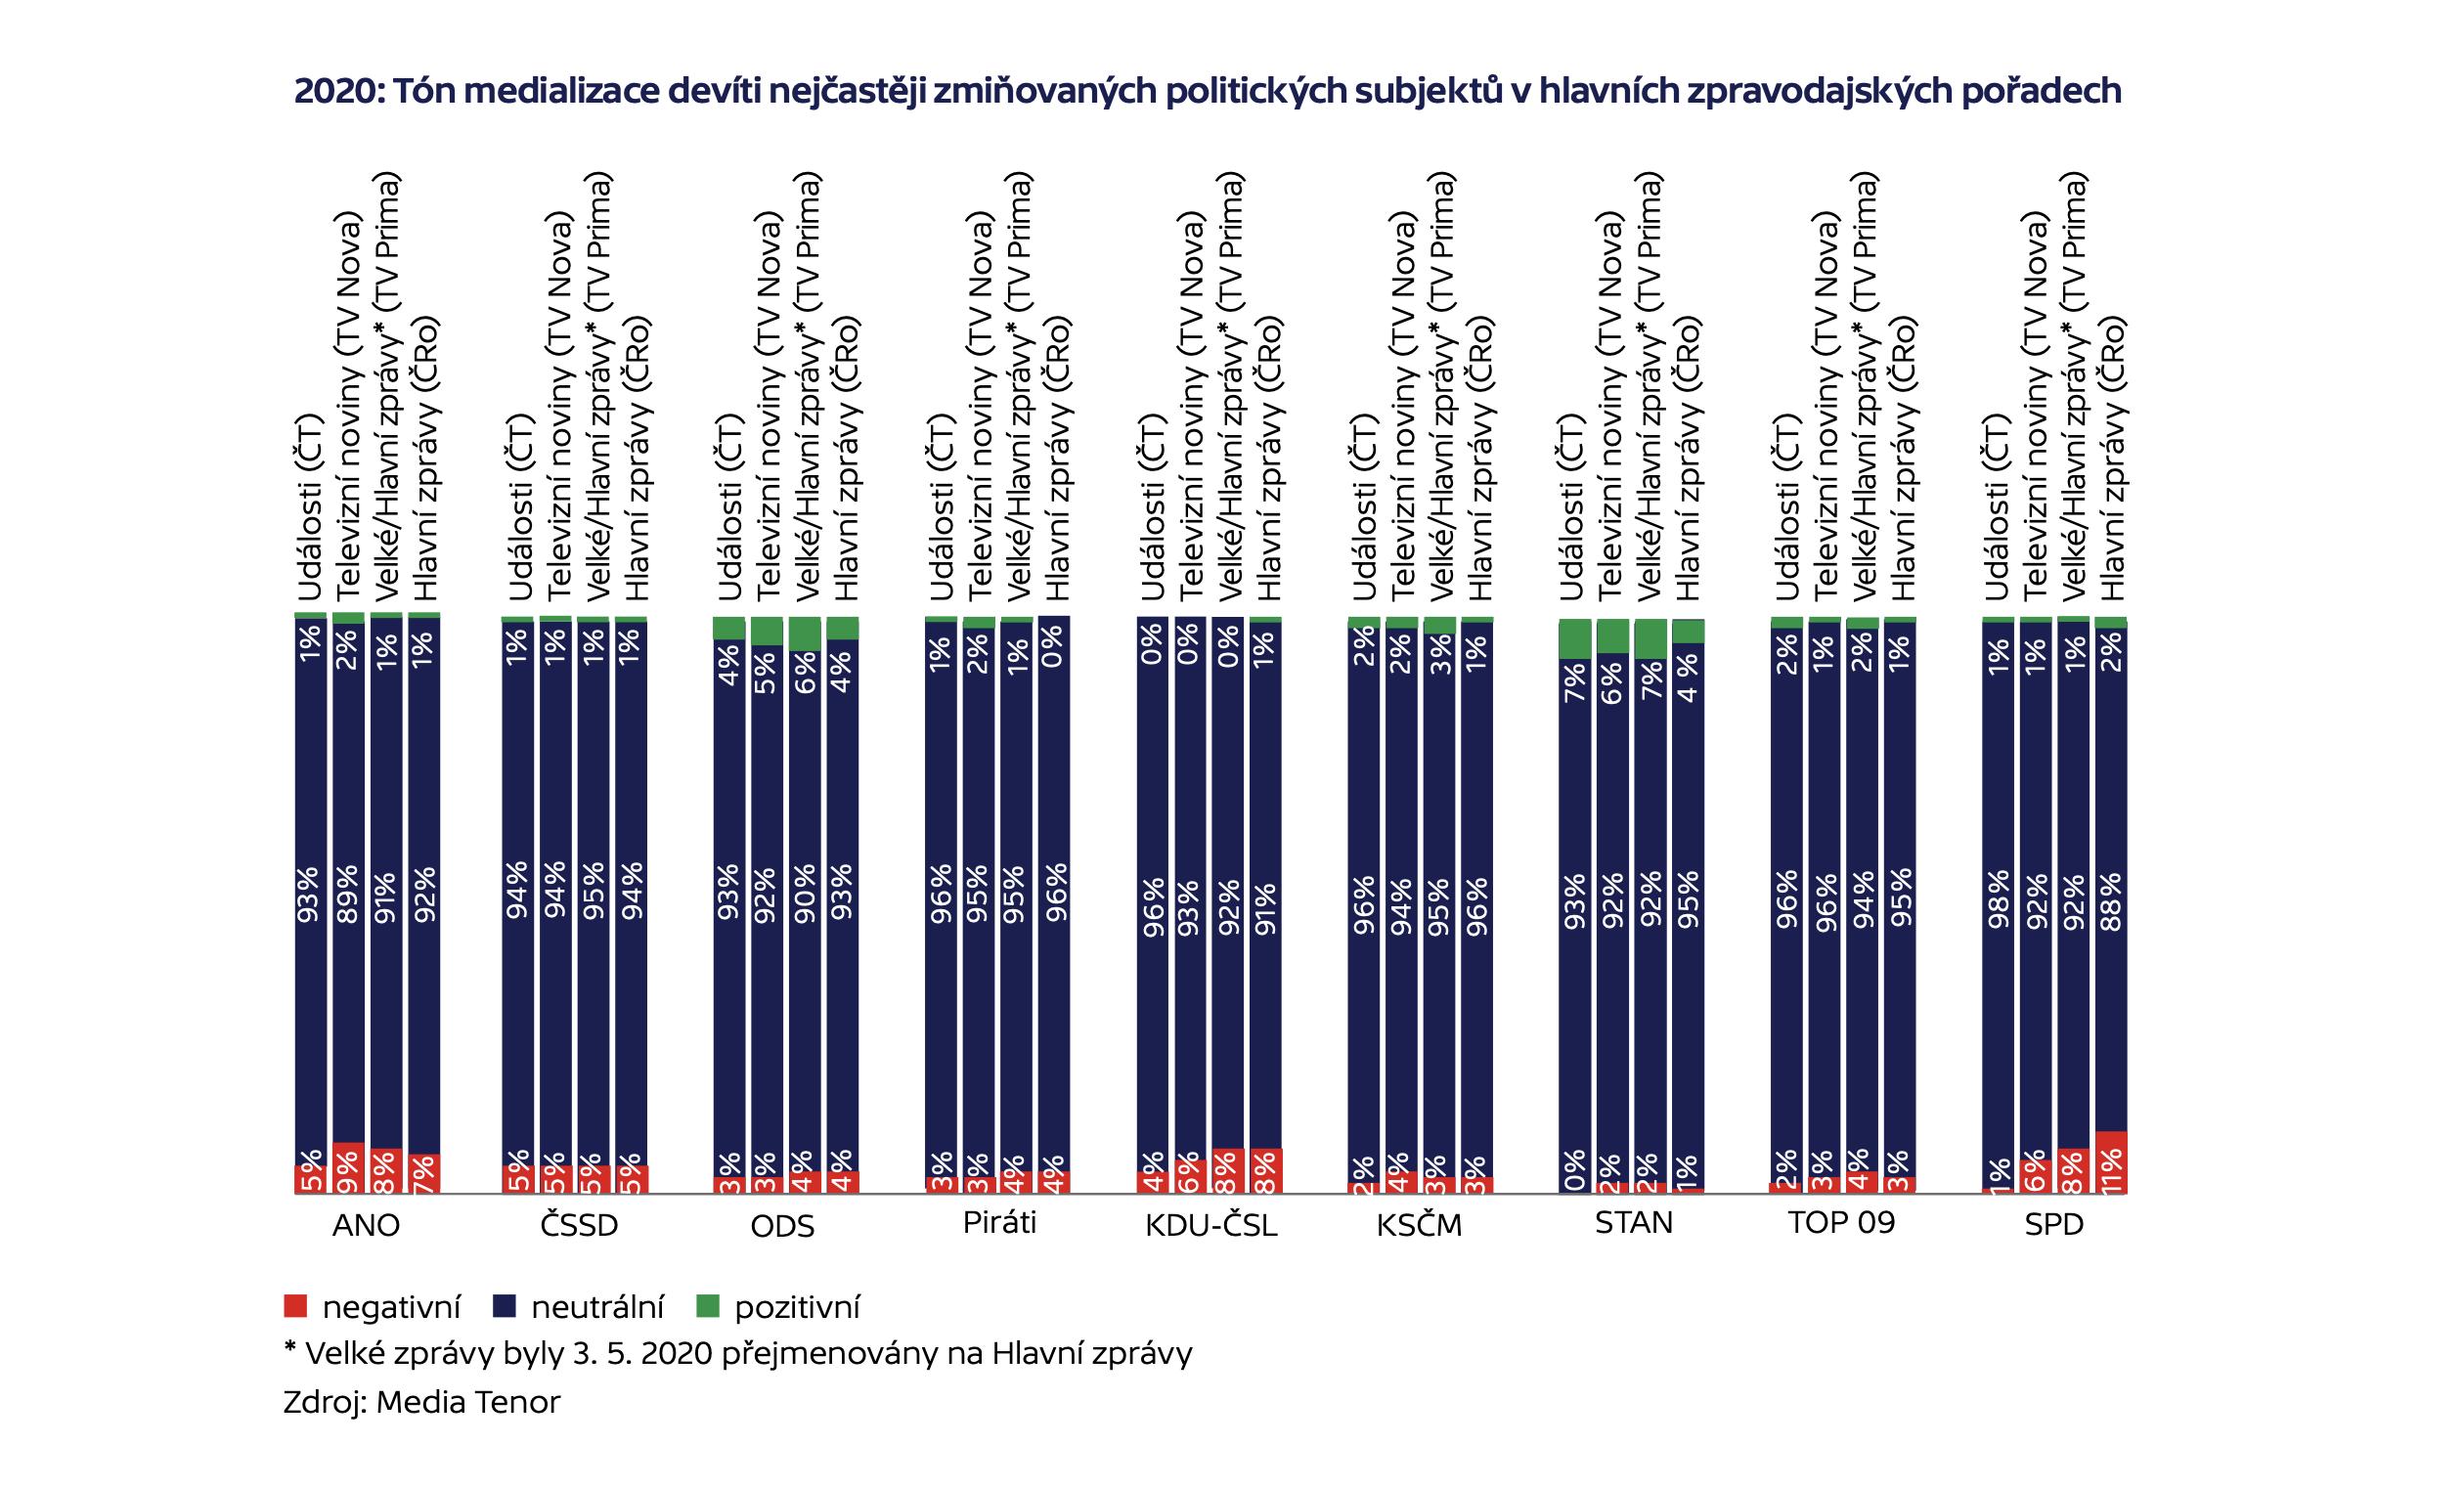 2020: Tón medializace devíti nejčastěji zmiňovaných politických subjektů v hlavních zpravodajských pořadech